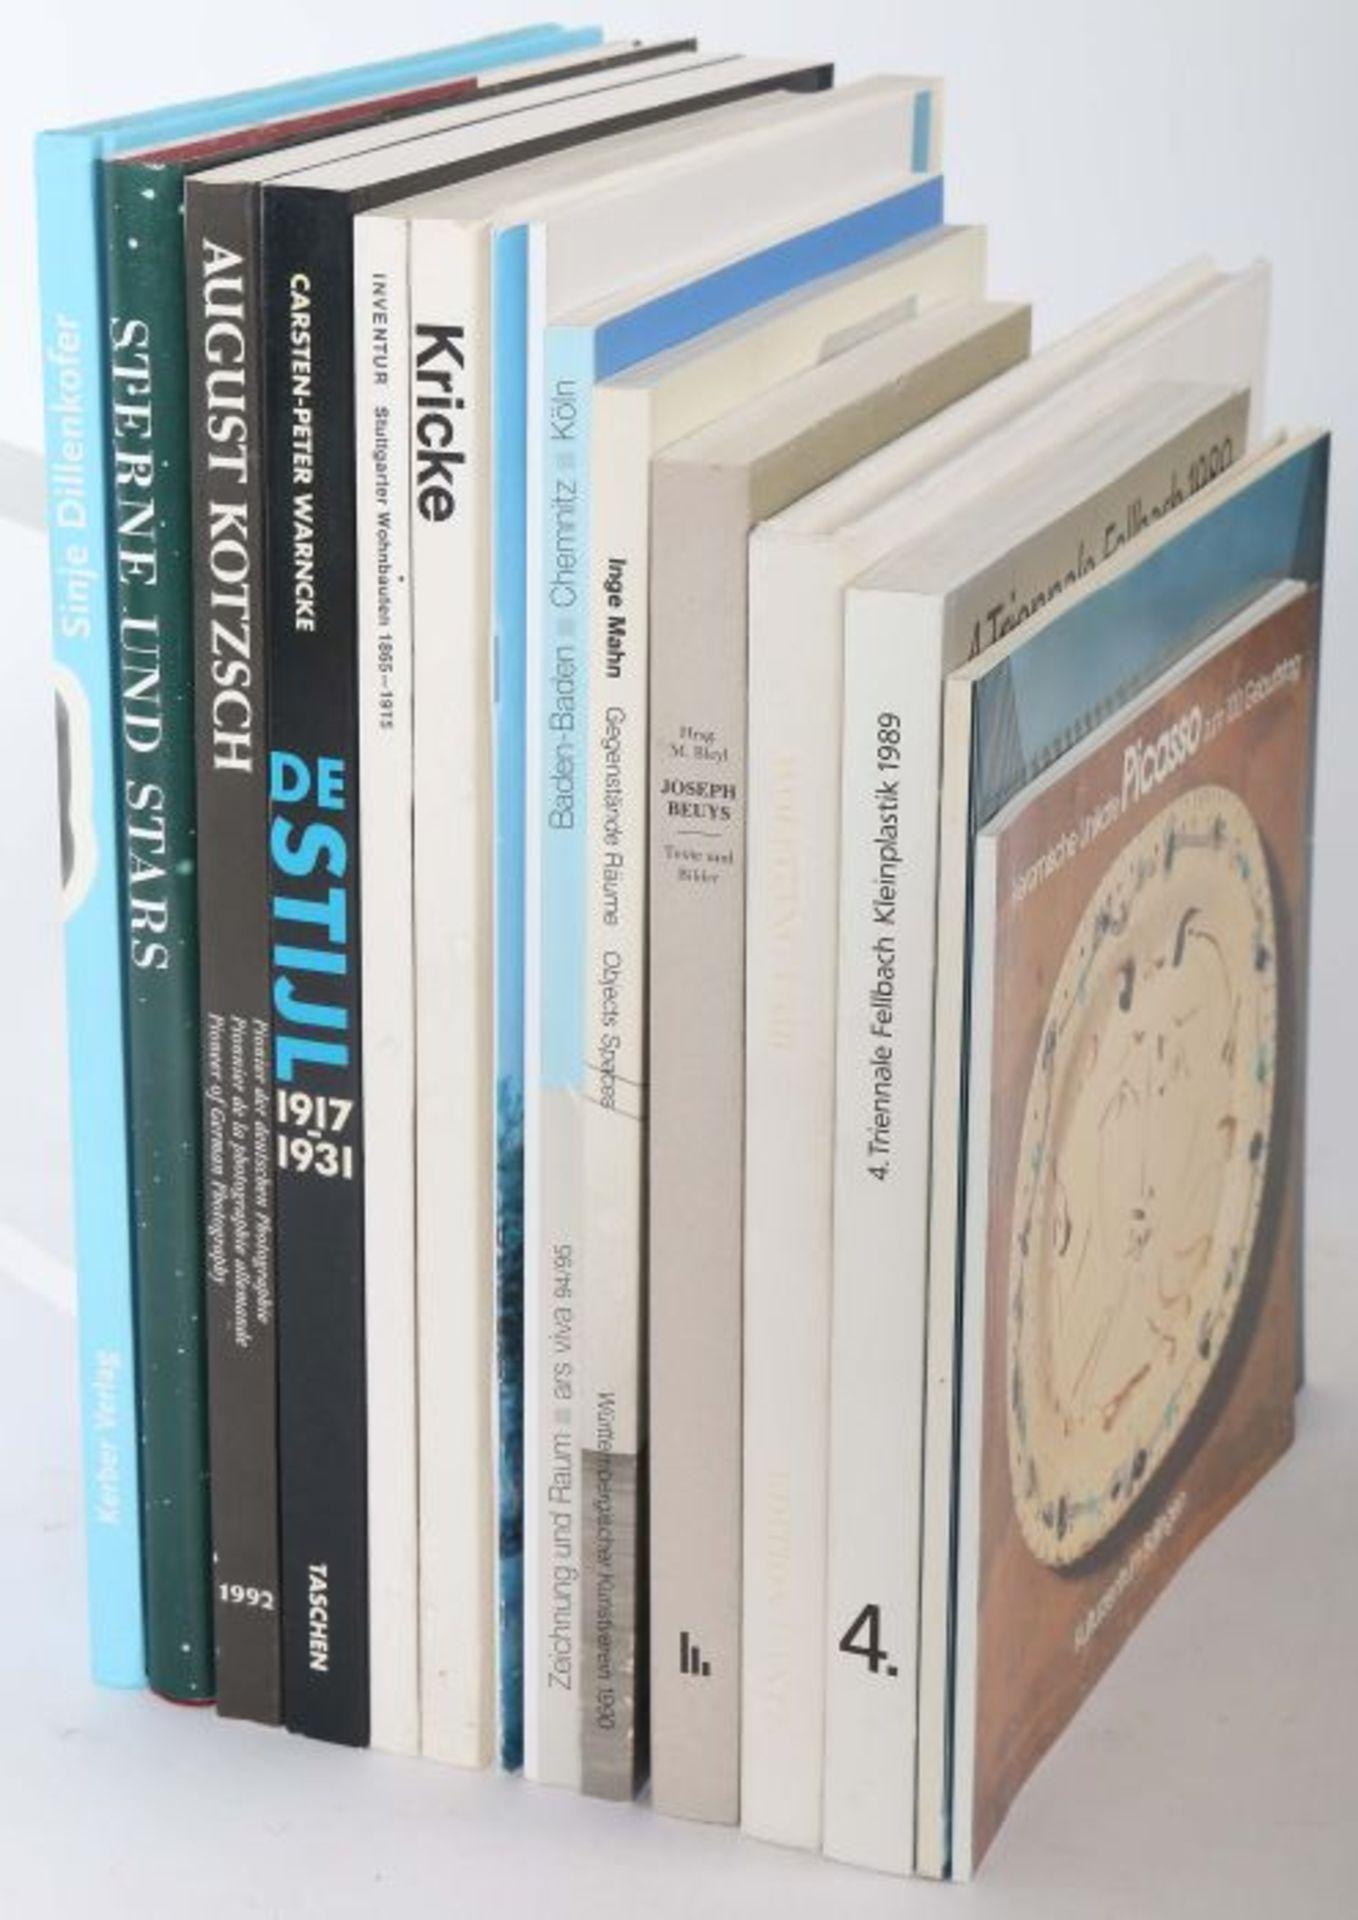 15 Kunstbücher u.a. Bleyl, Joseph Beuys - Der erweiterte Kunstbegriff, Büchner, 1989; Warncke, De - Bild 2 aus 2